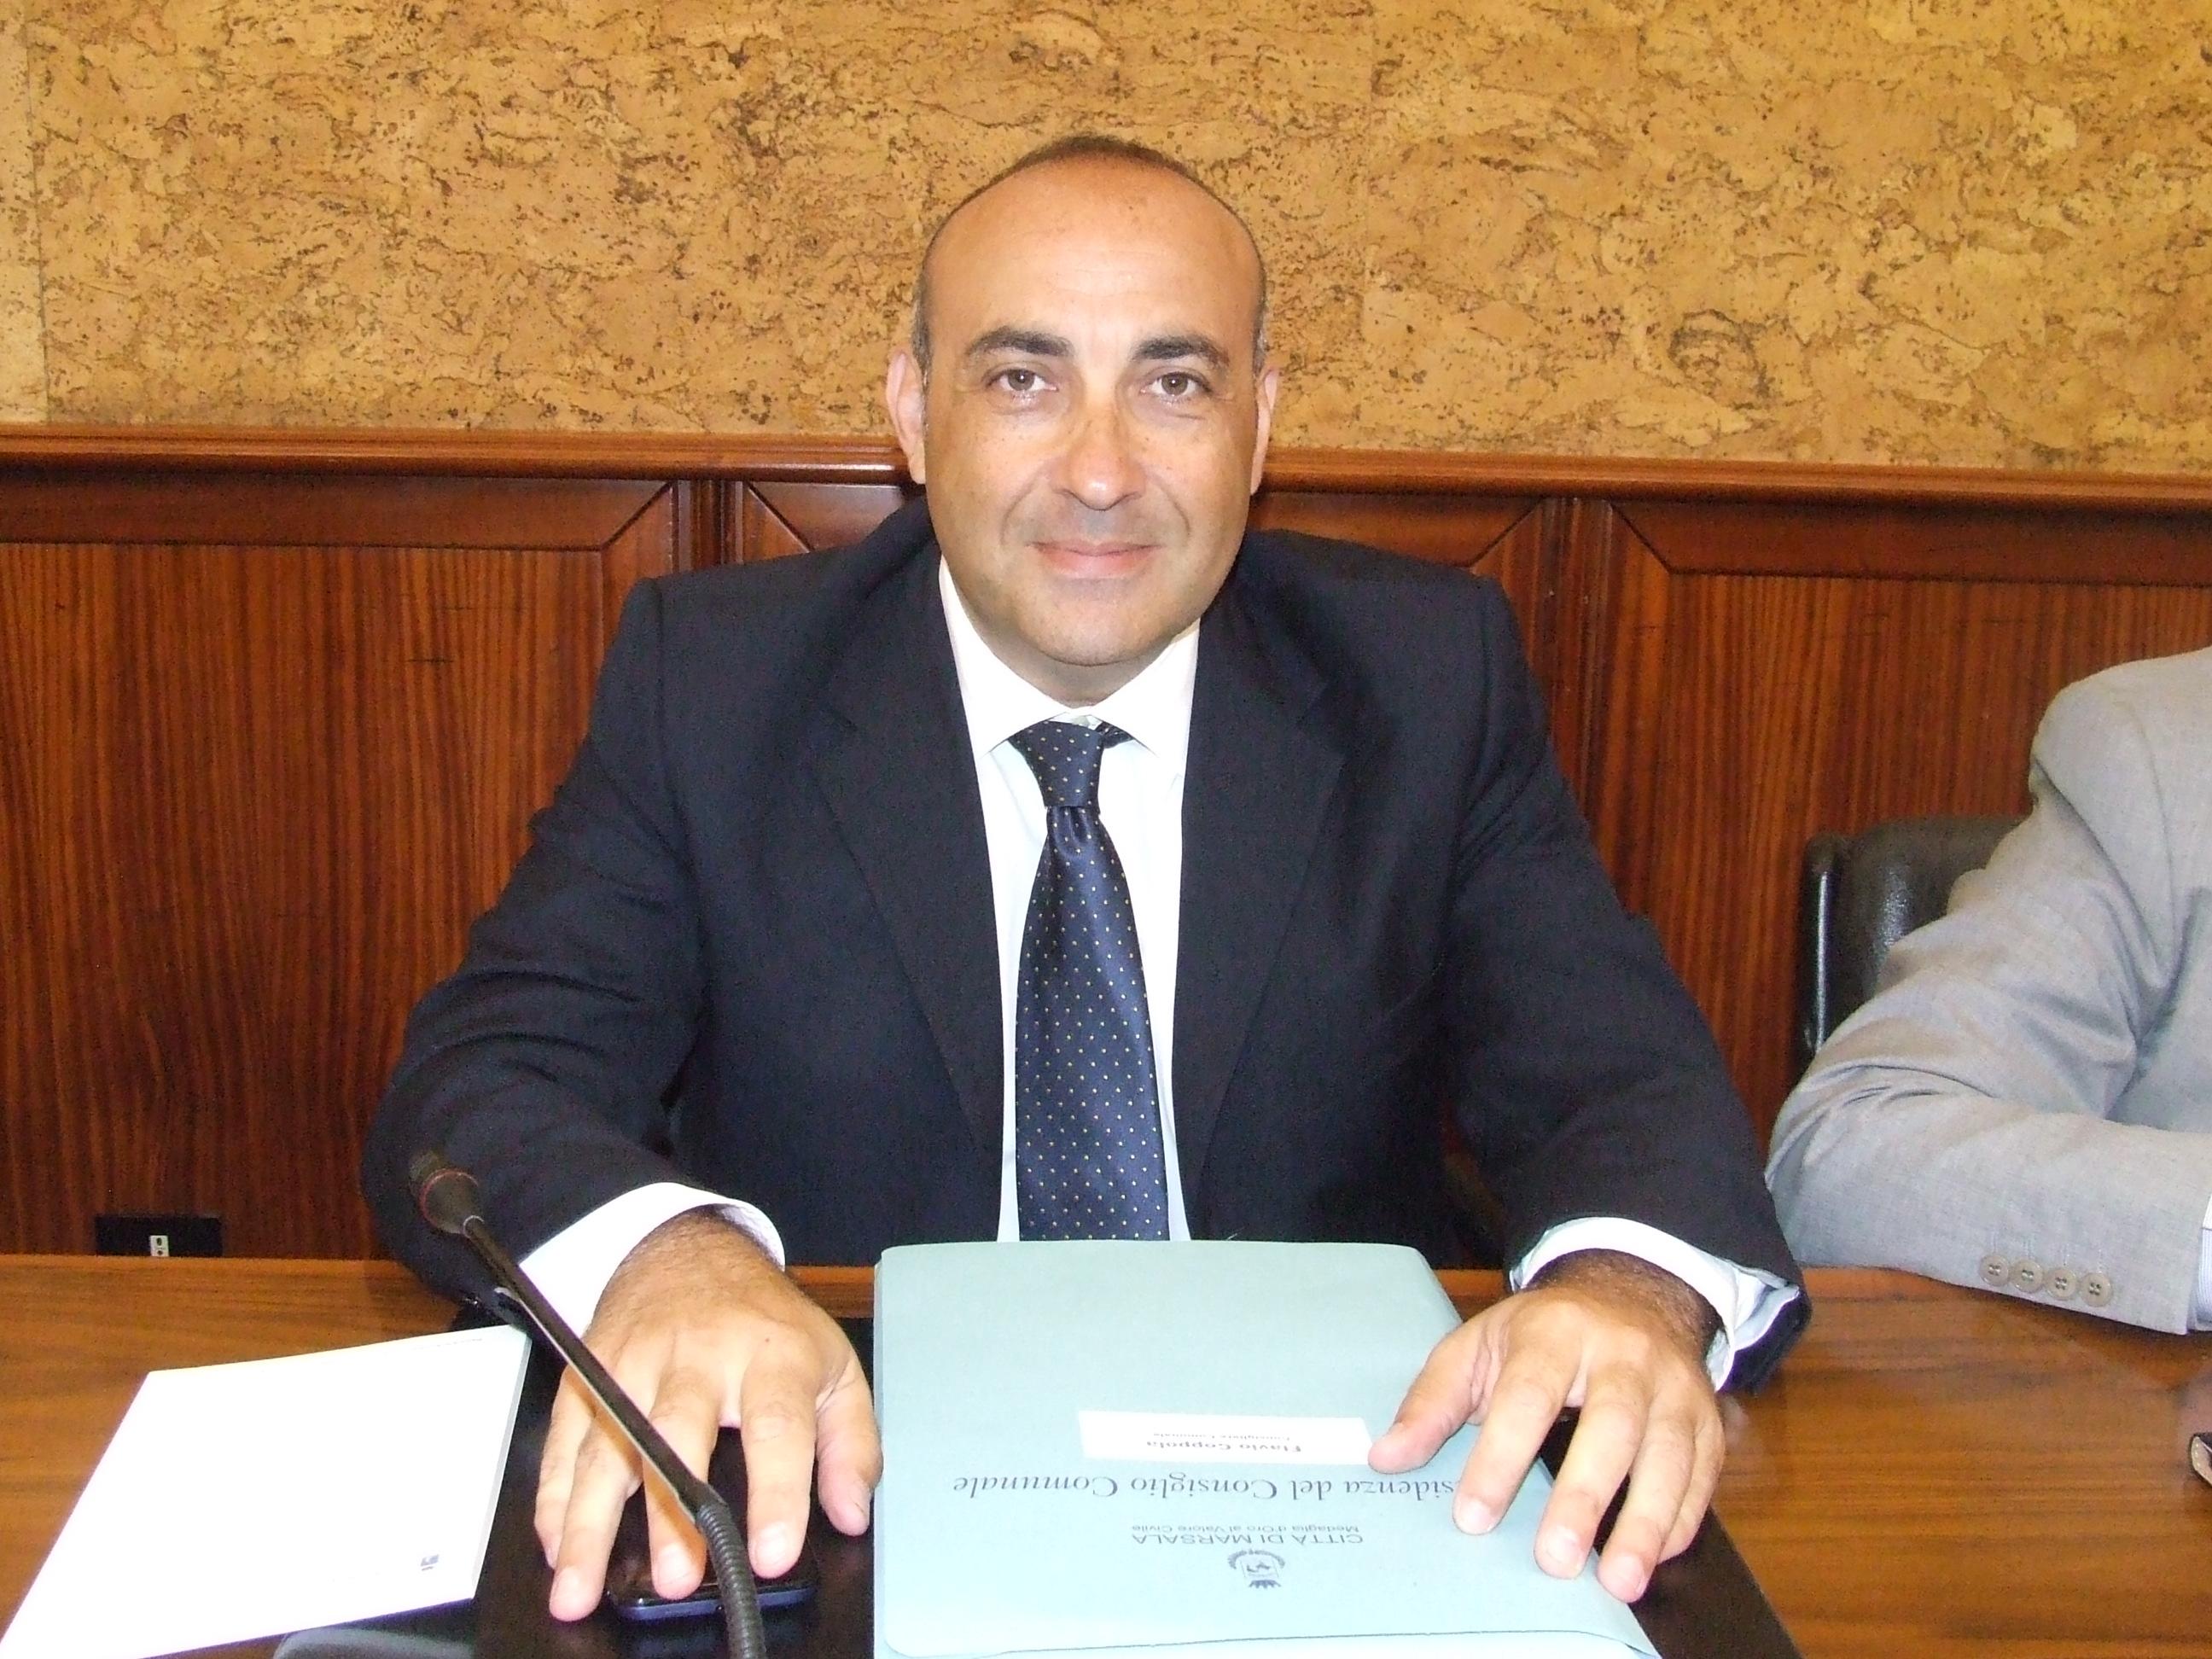 Flavio Coppola